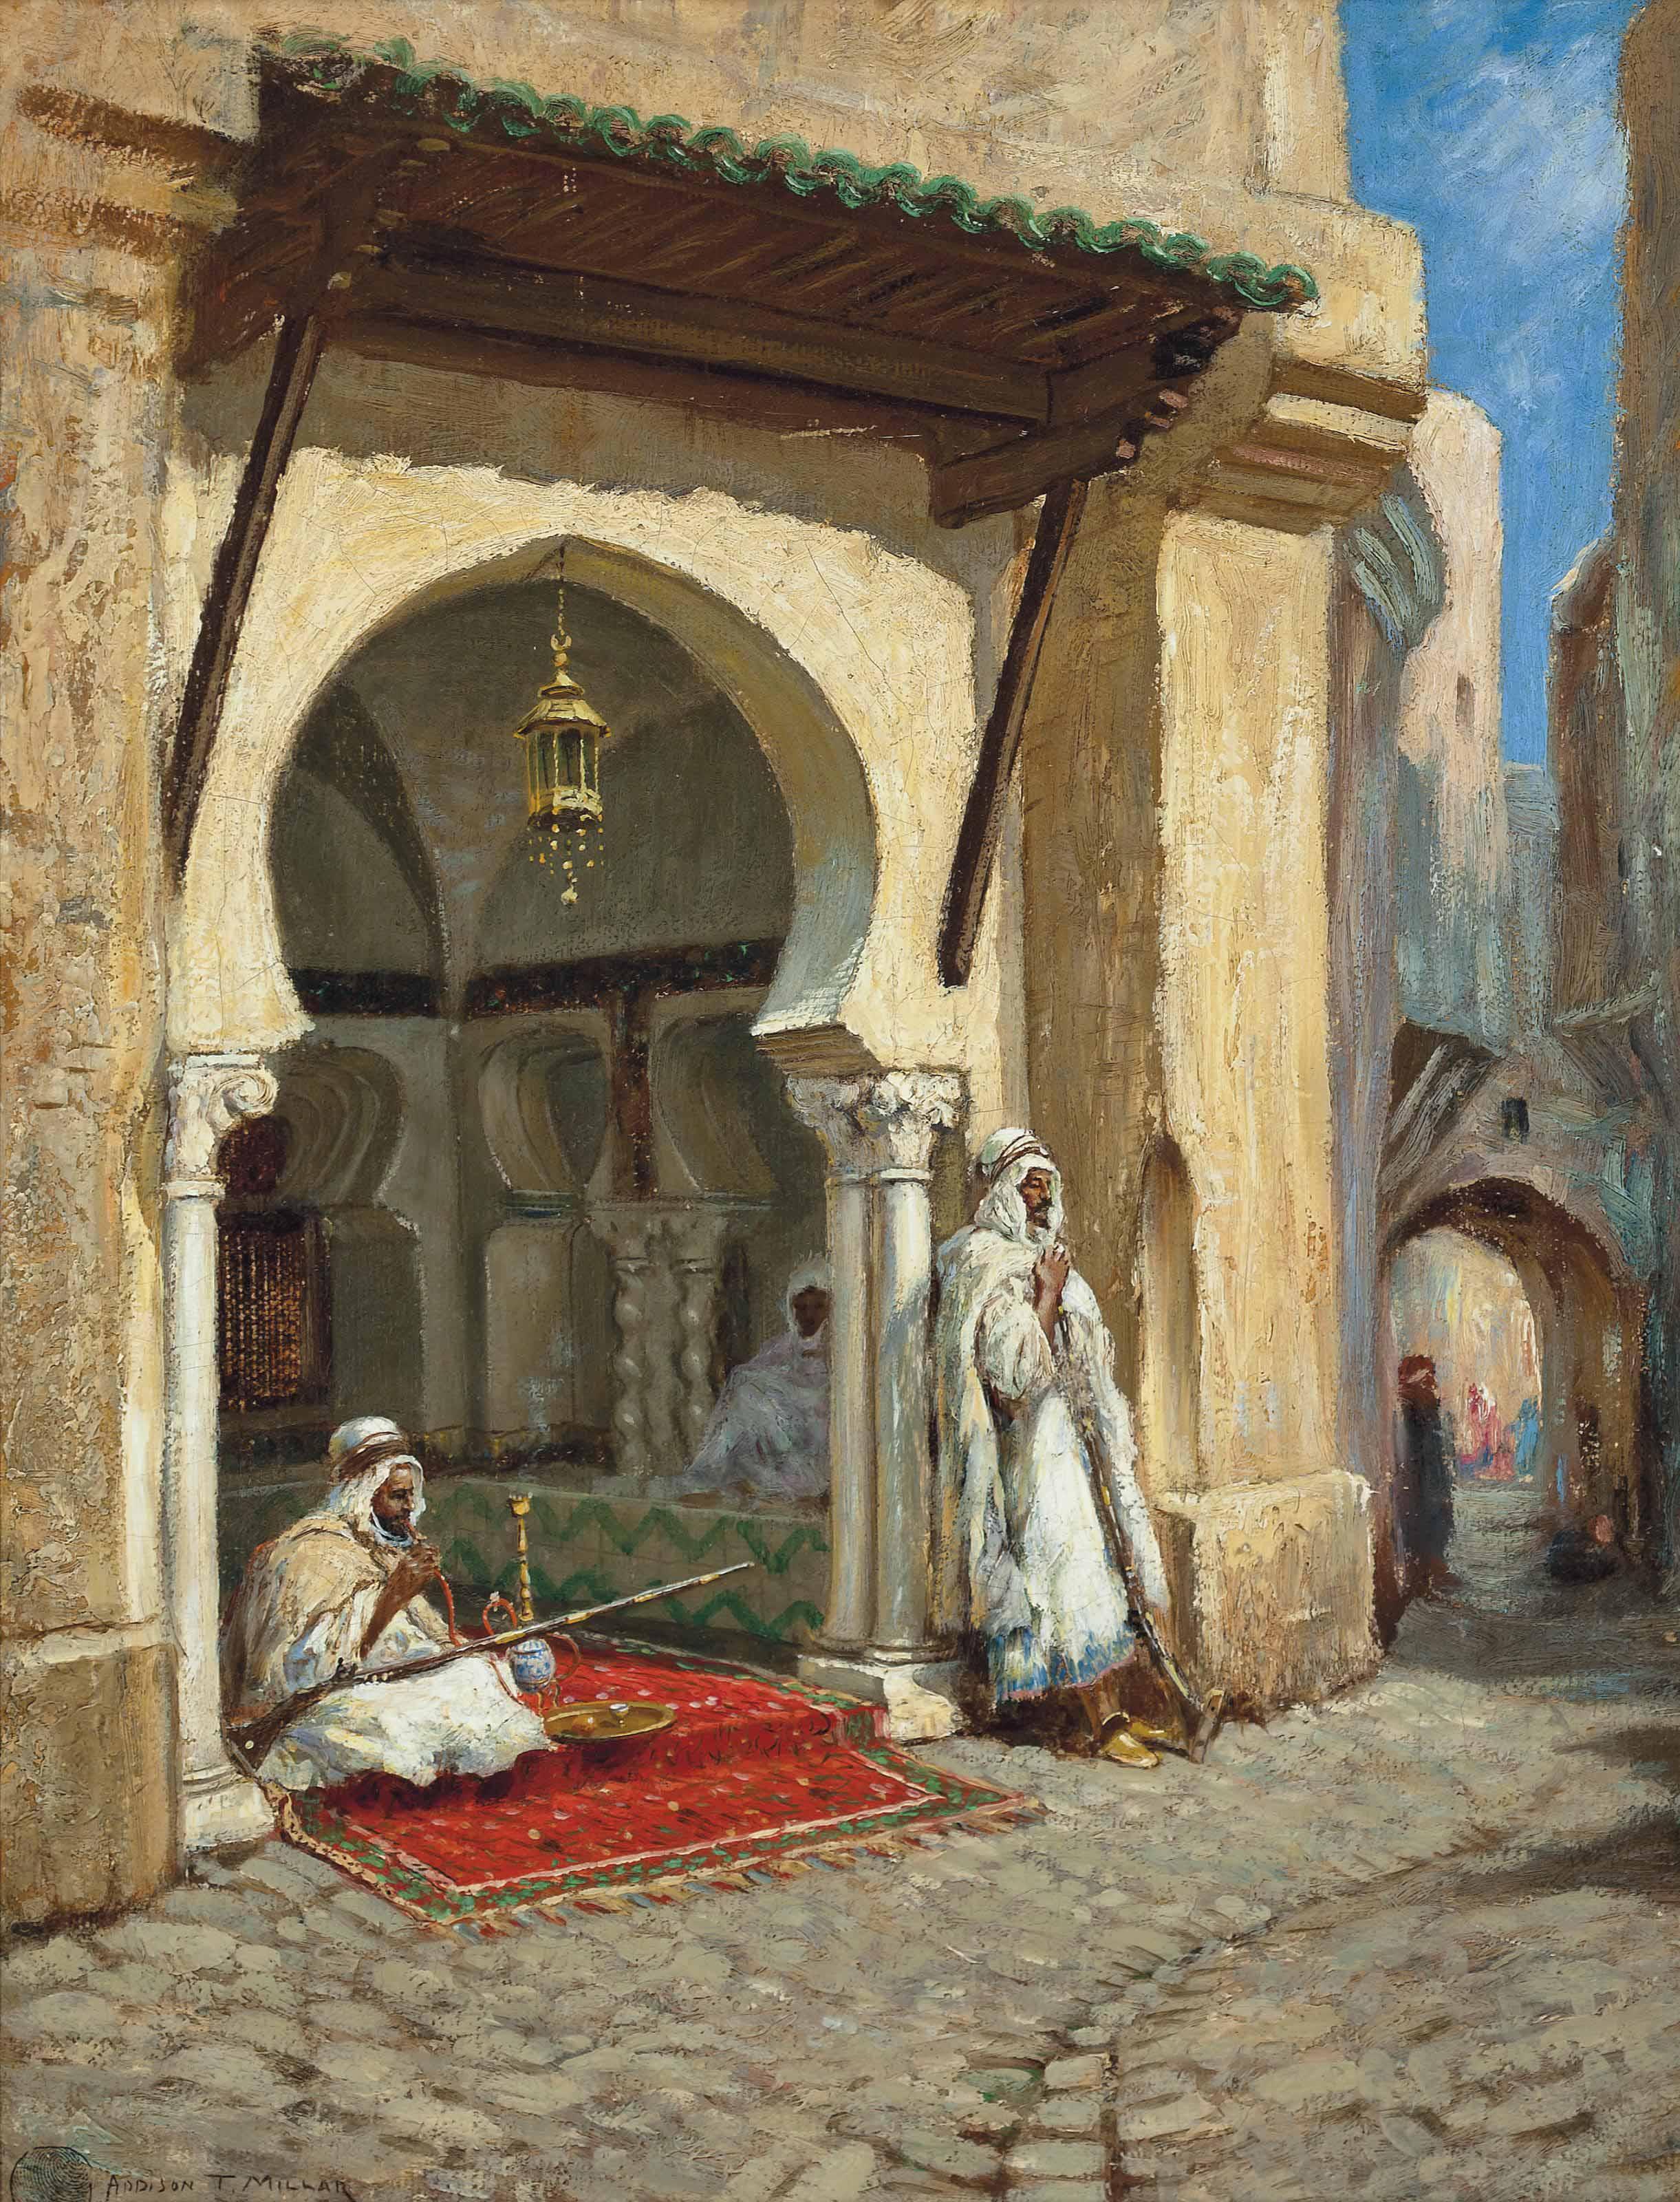 In the Medina